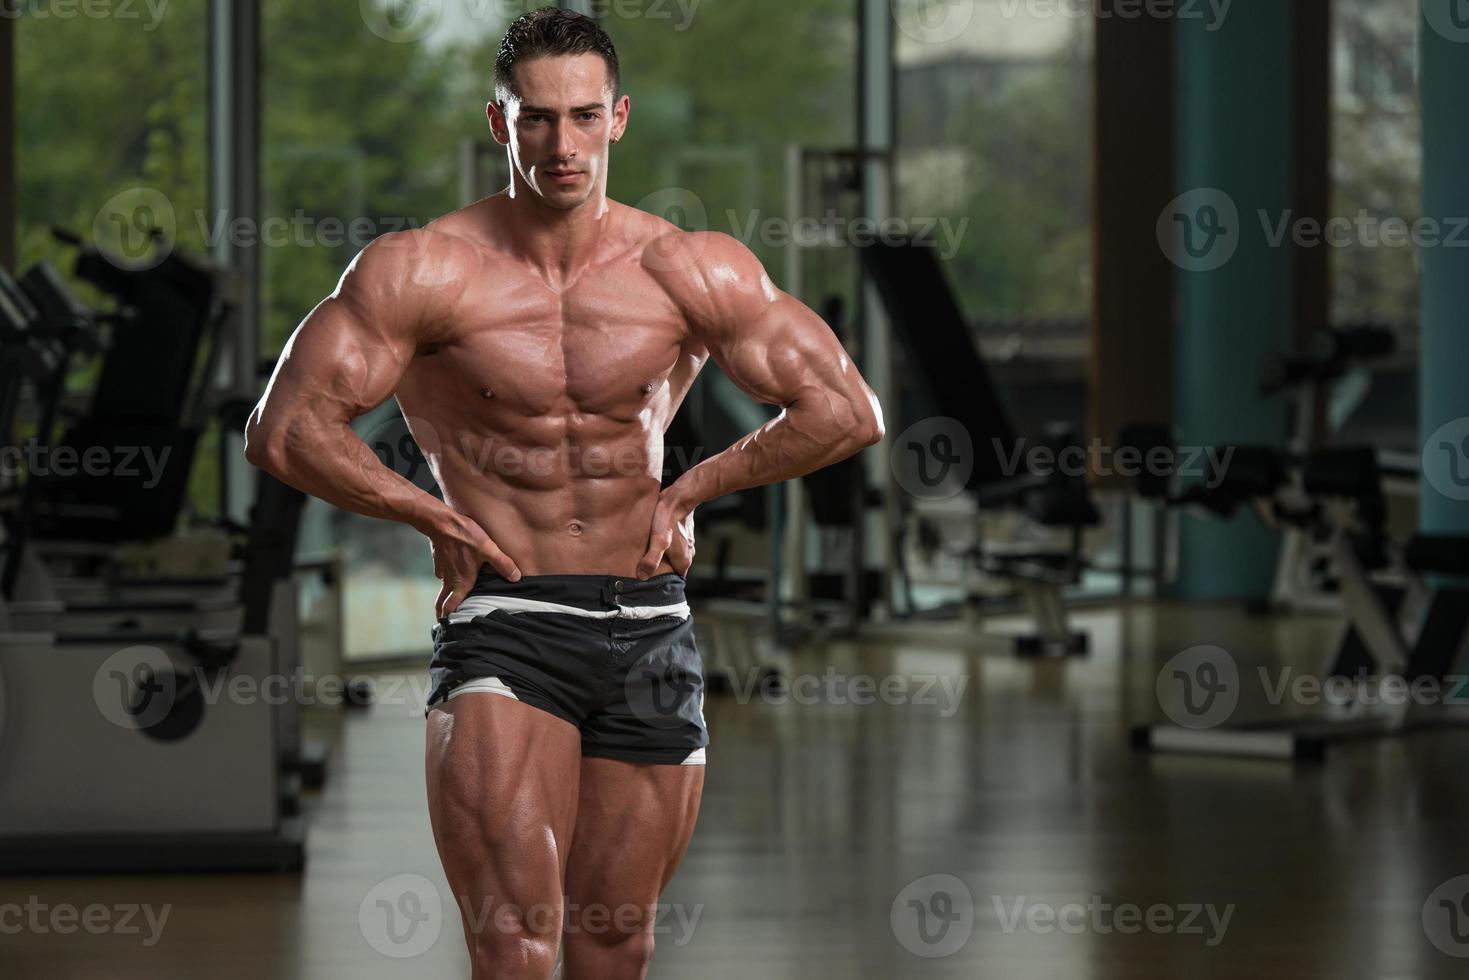 uomini muscolari che flettono i muscoli foto